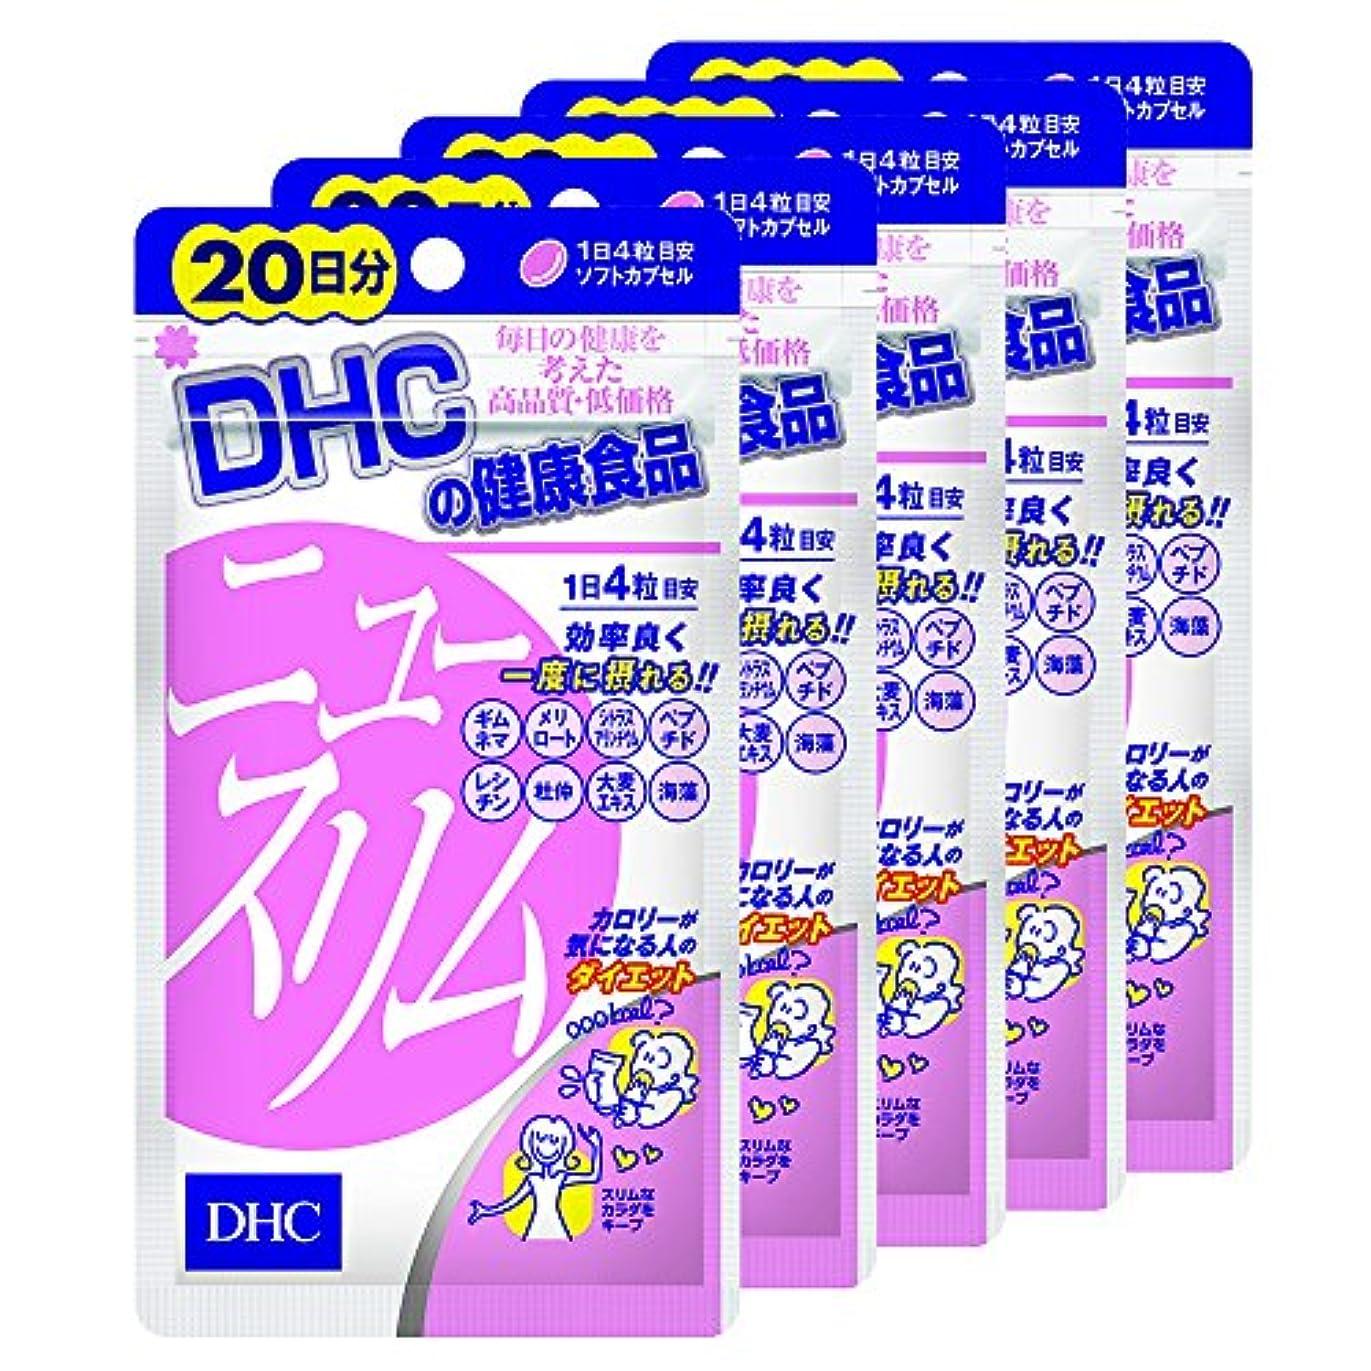 敏感な毛布倫理的【セット品】DHC ニュースリム 20日分 80粒 5袋セット